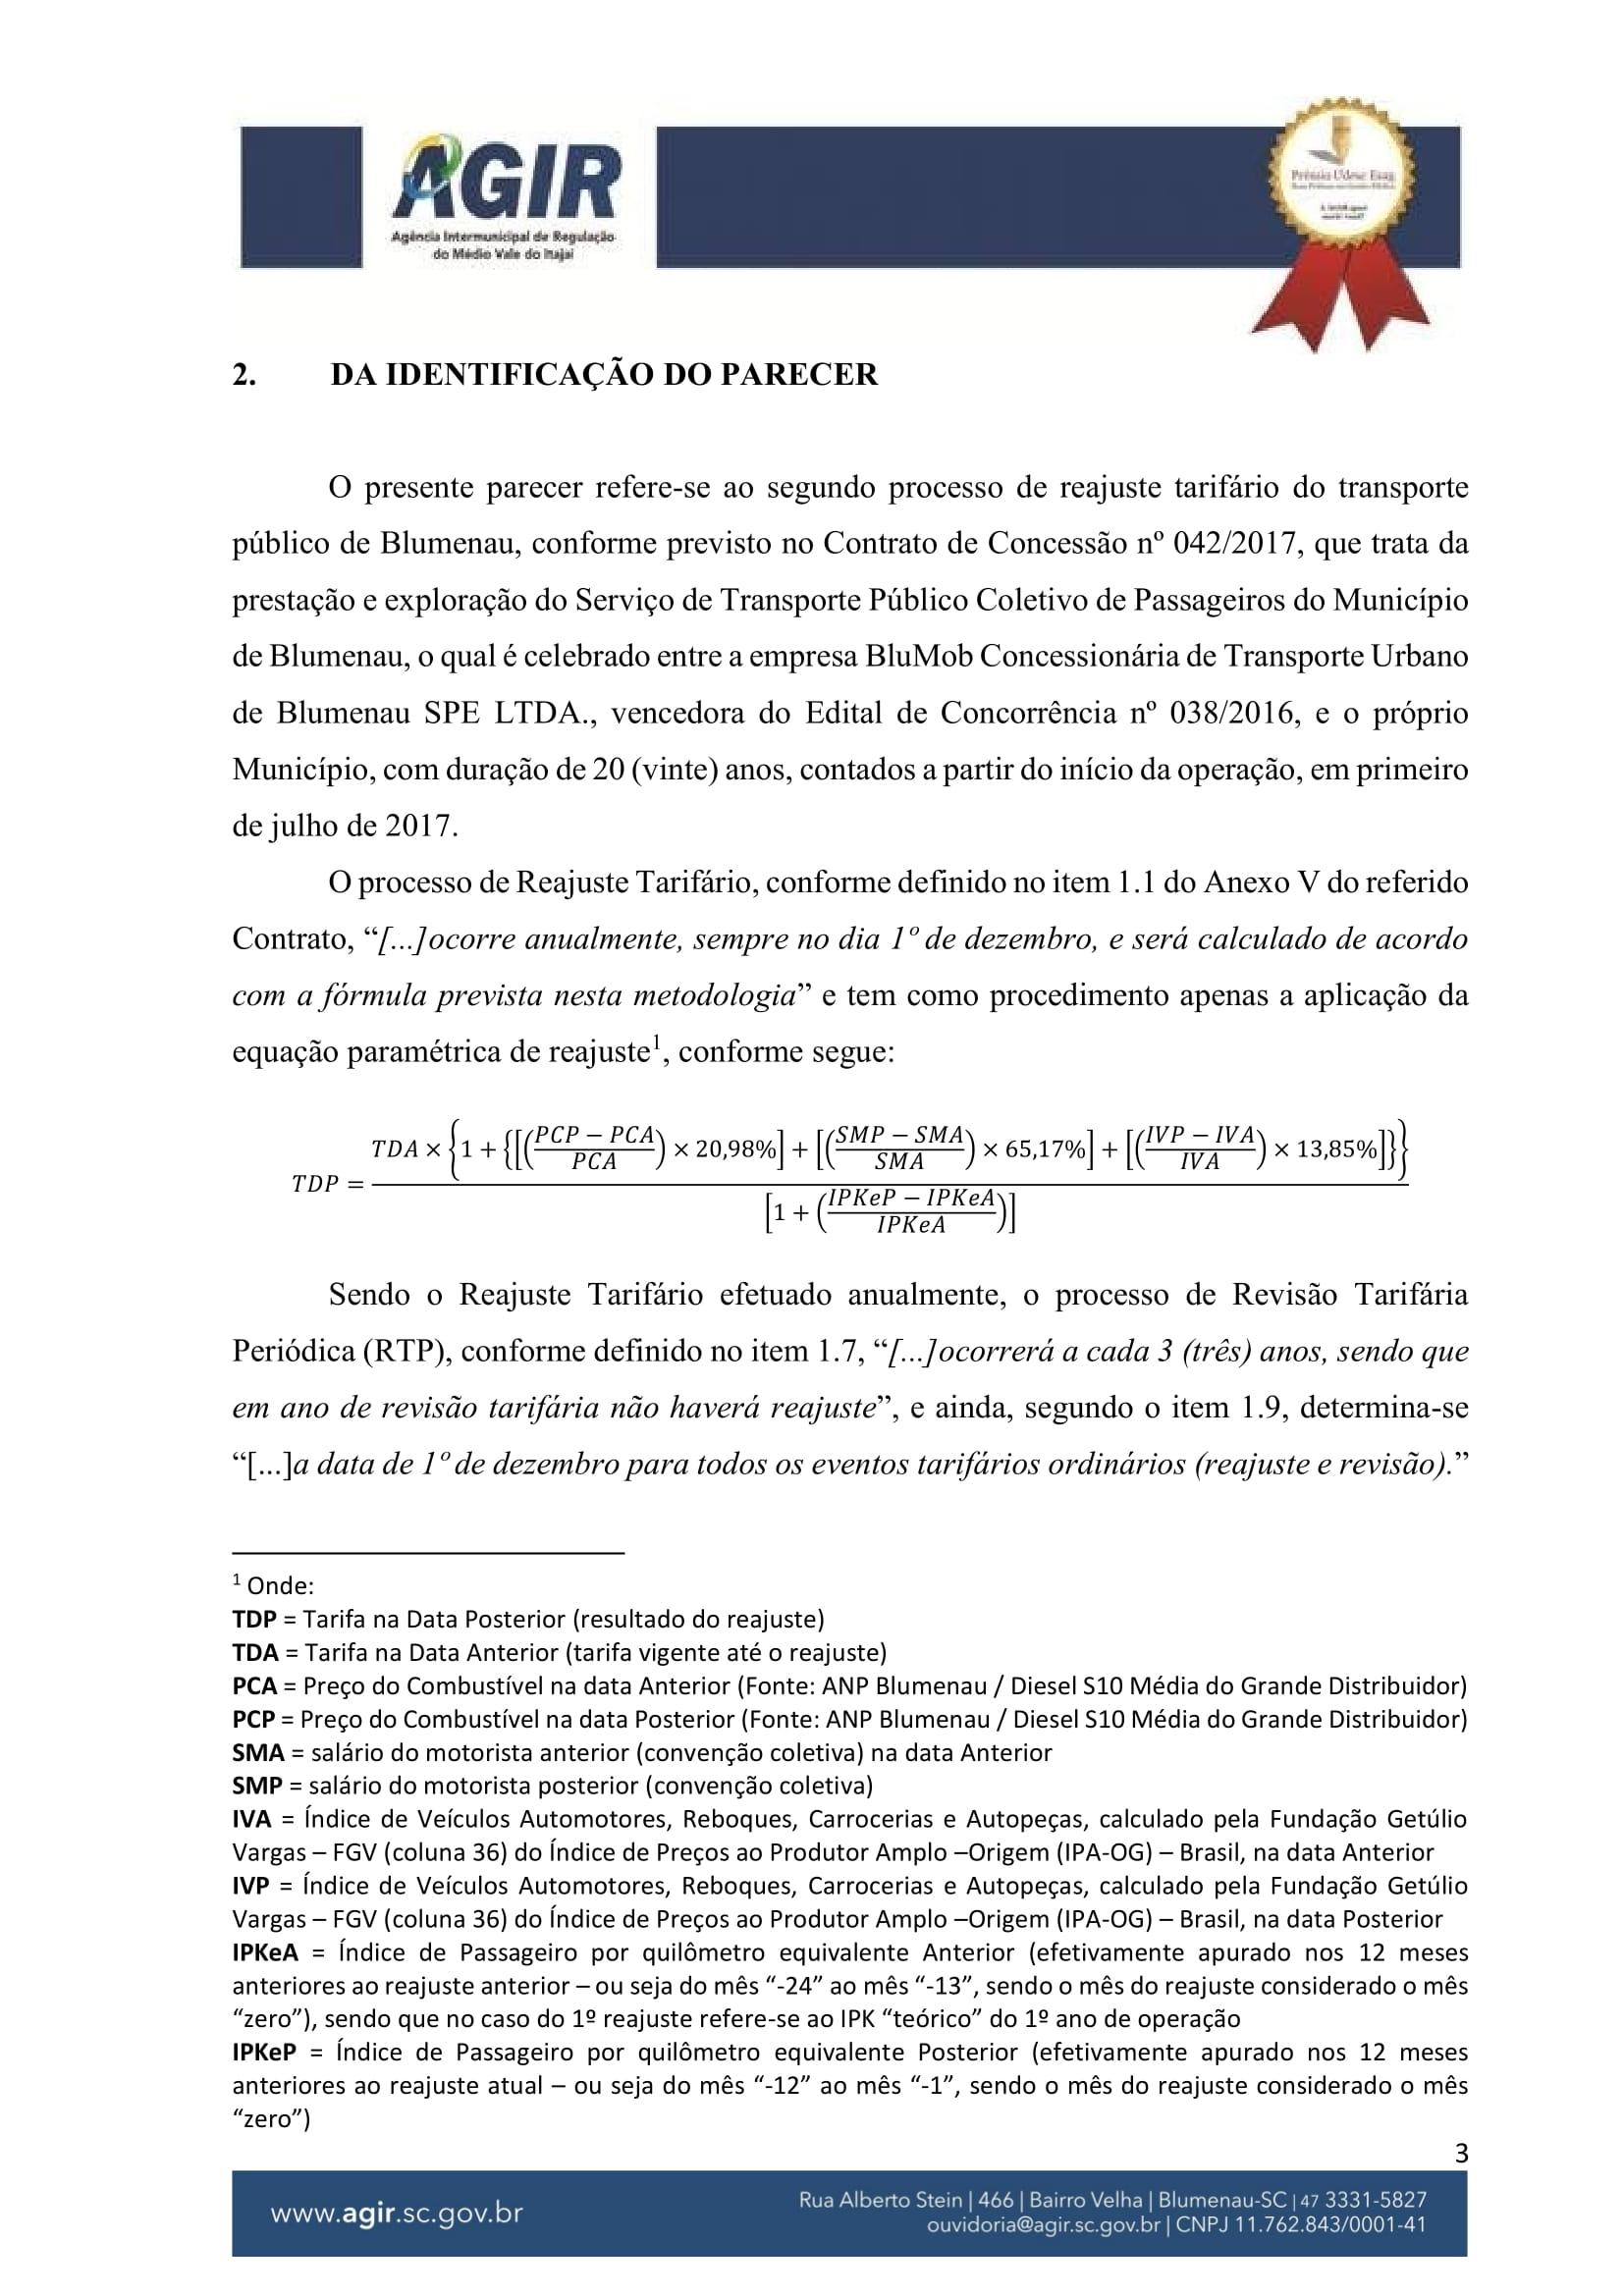 Parecer Administrativo nº 70-2018-03